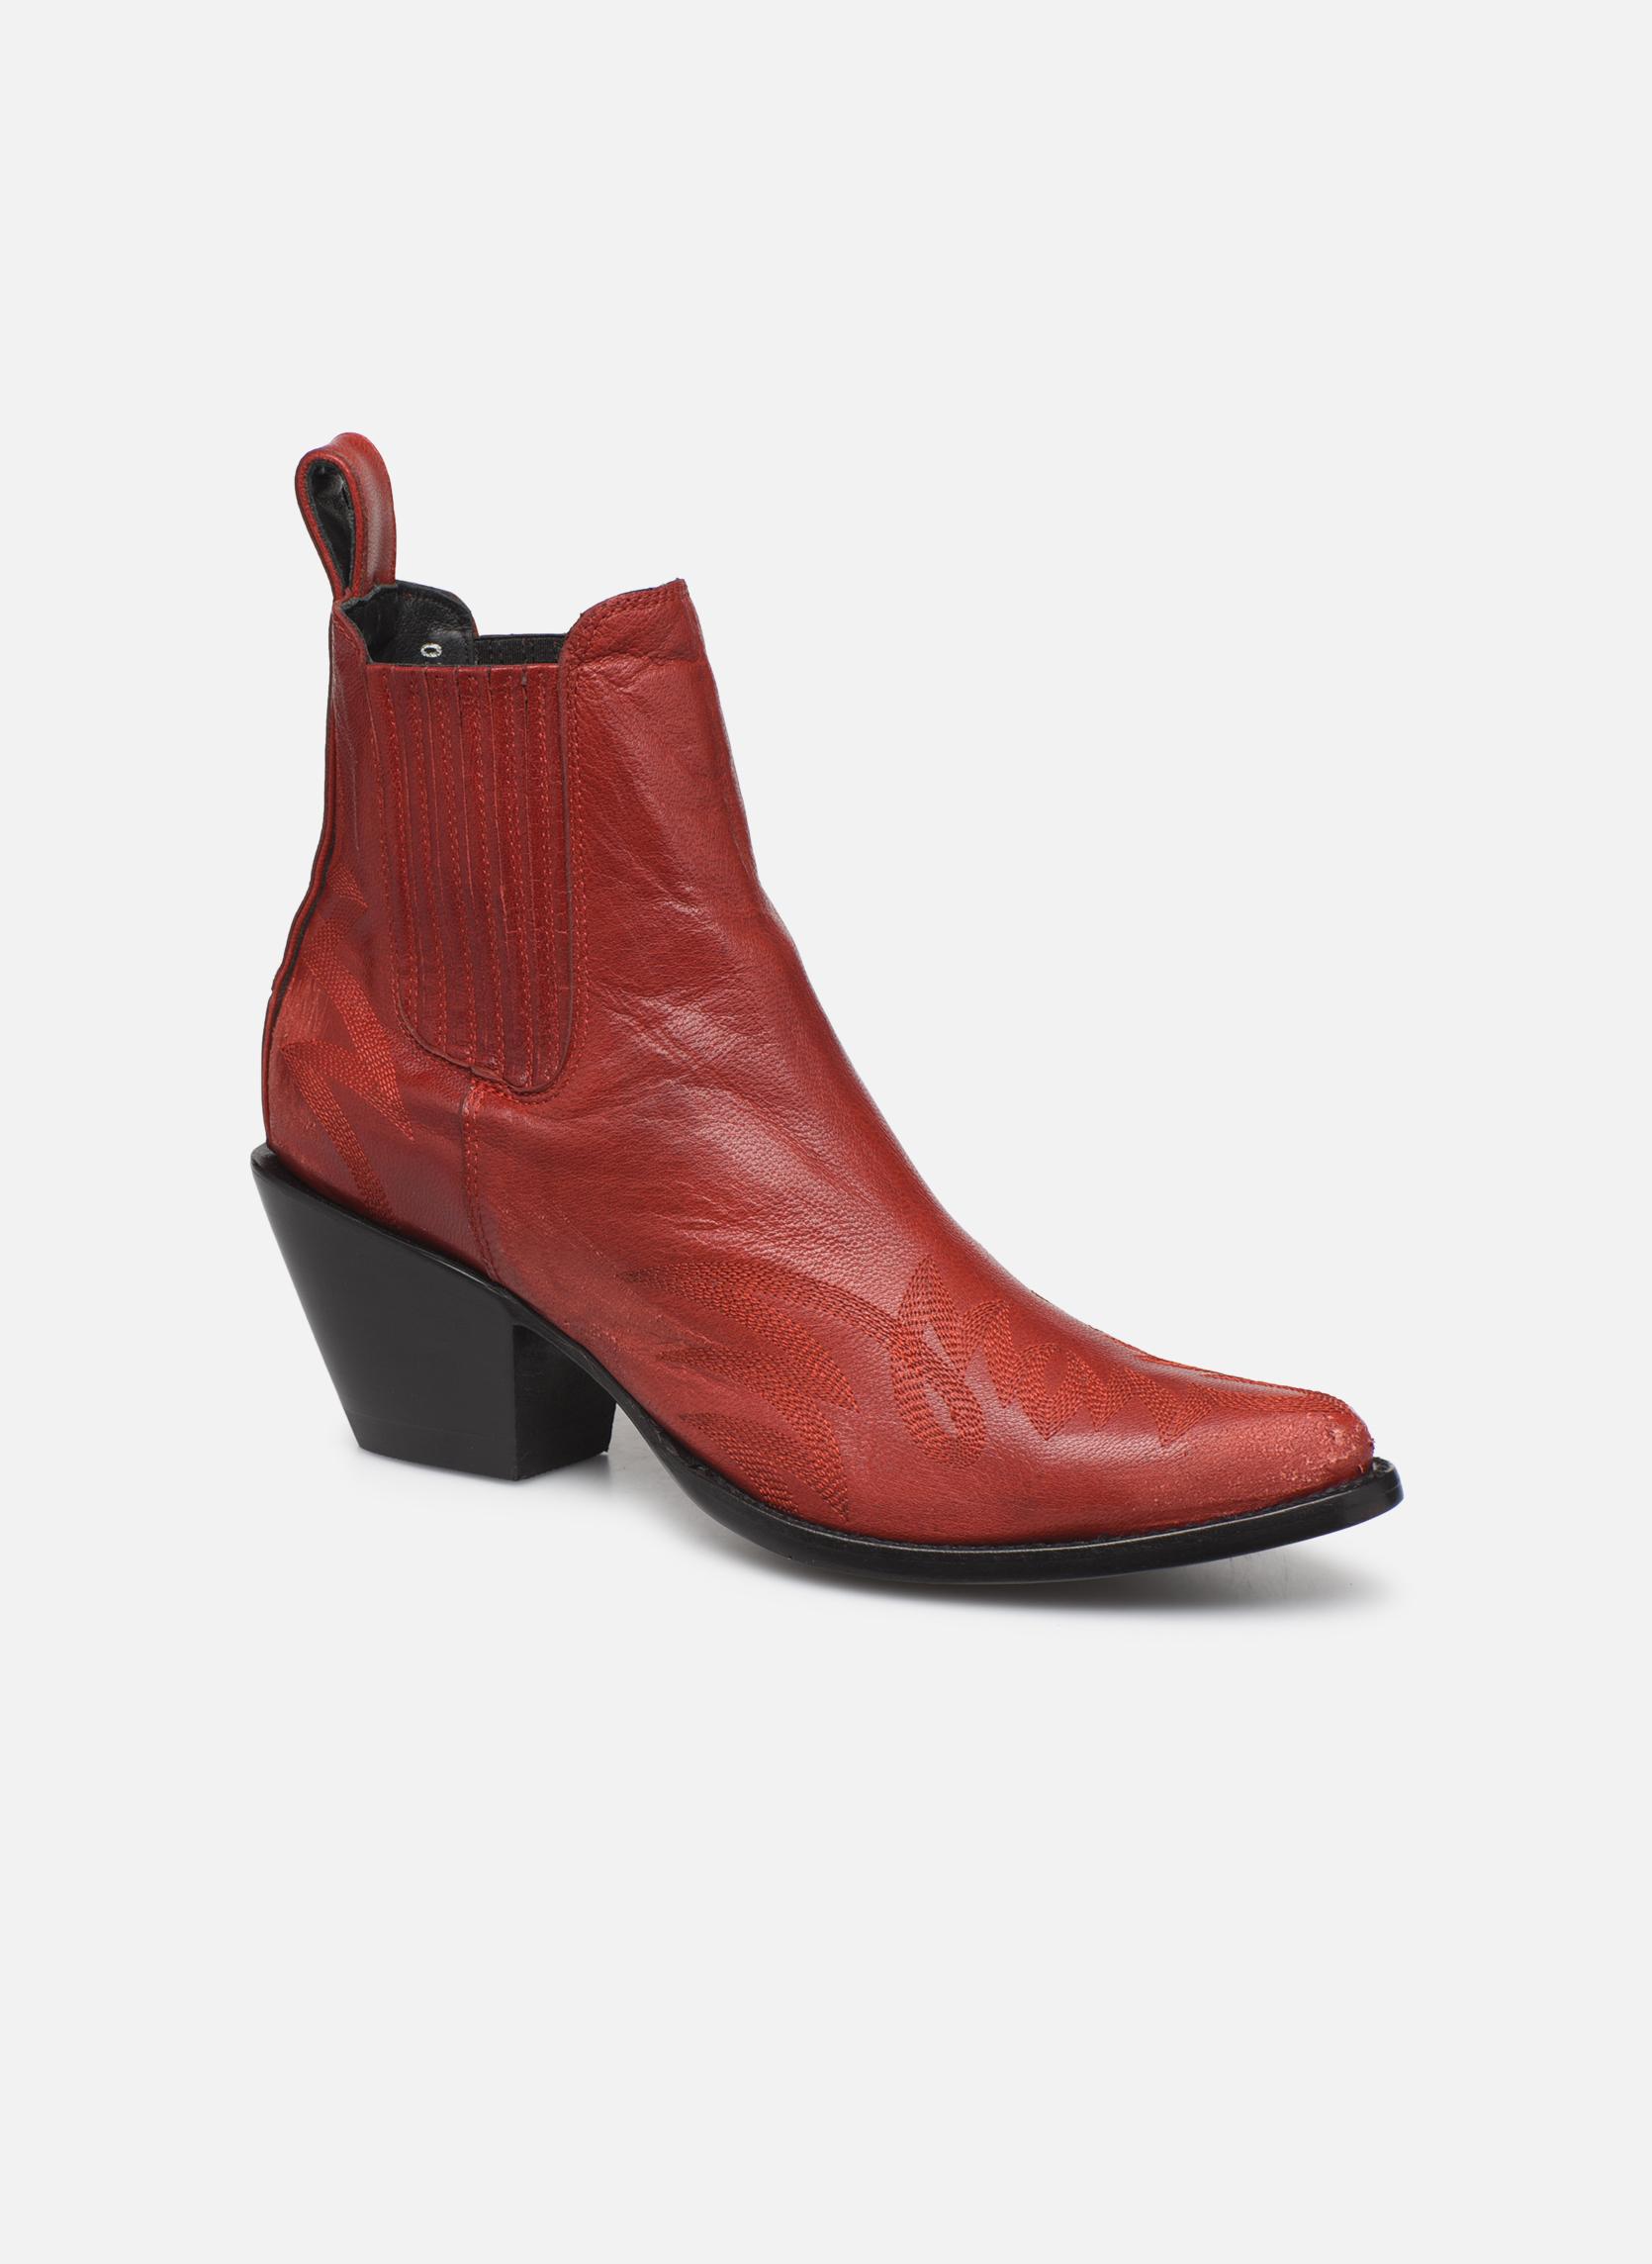 Boots en enkellaarsjes Mexicana Rood